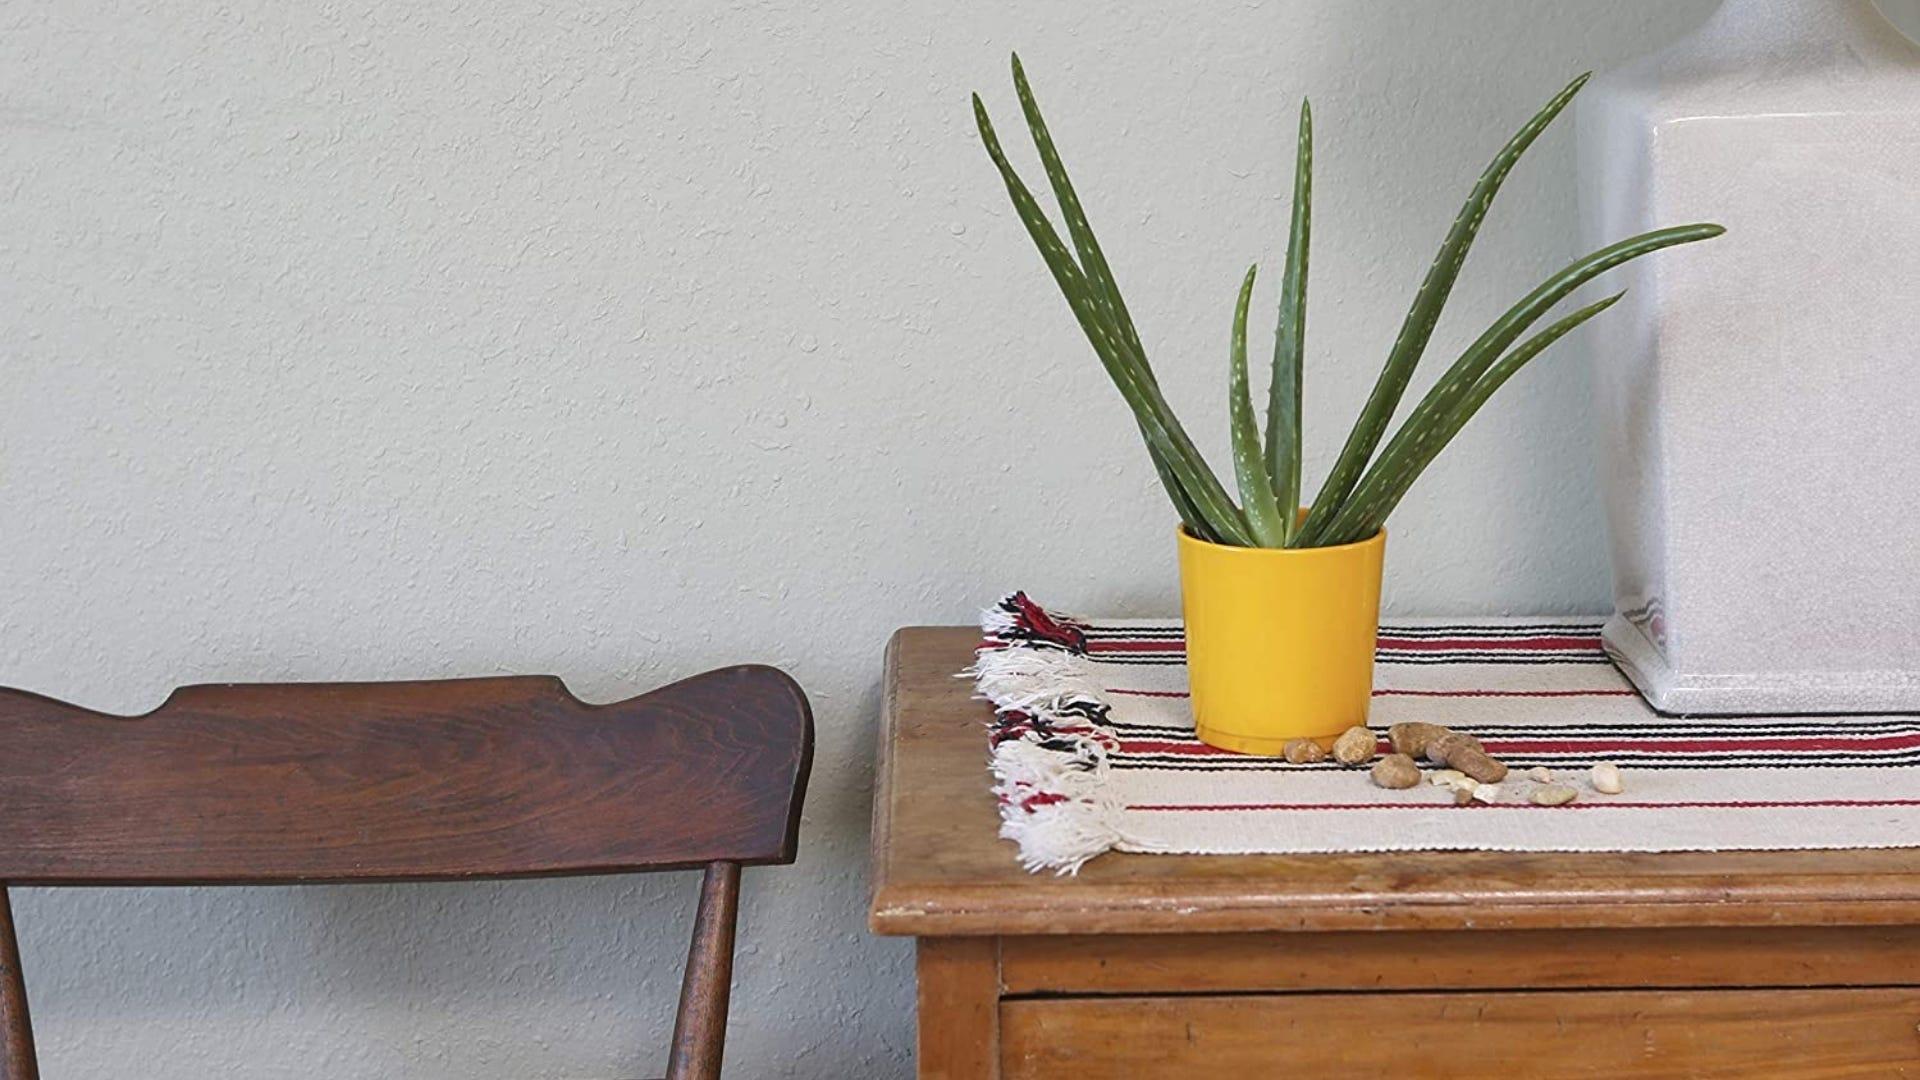 Aloe vera plant on table